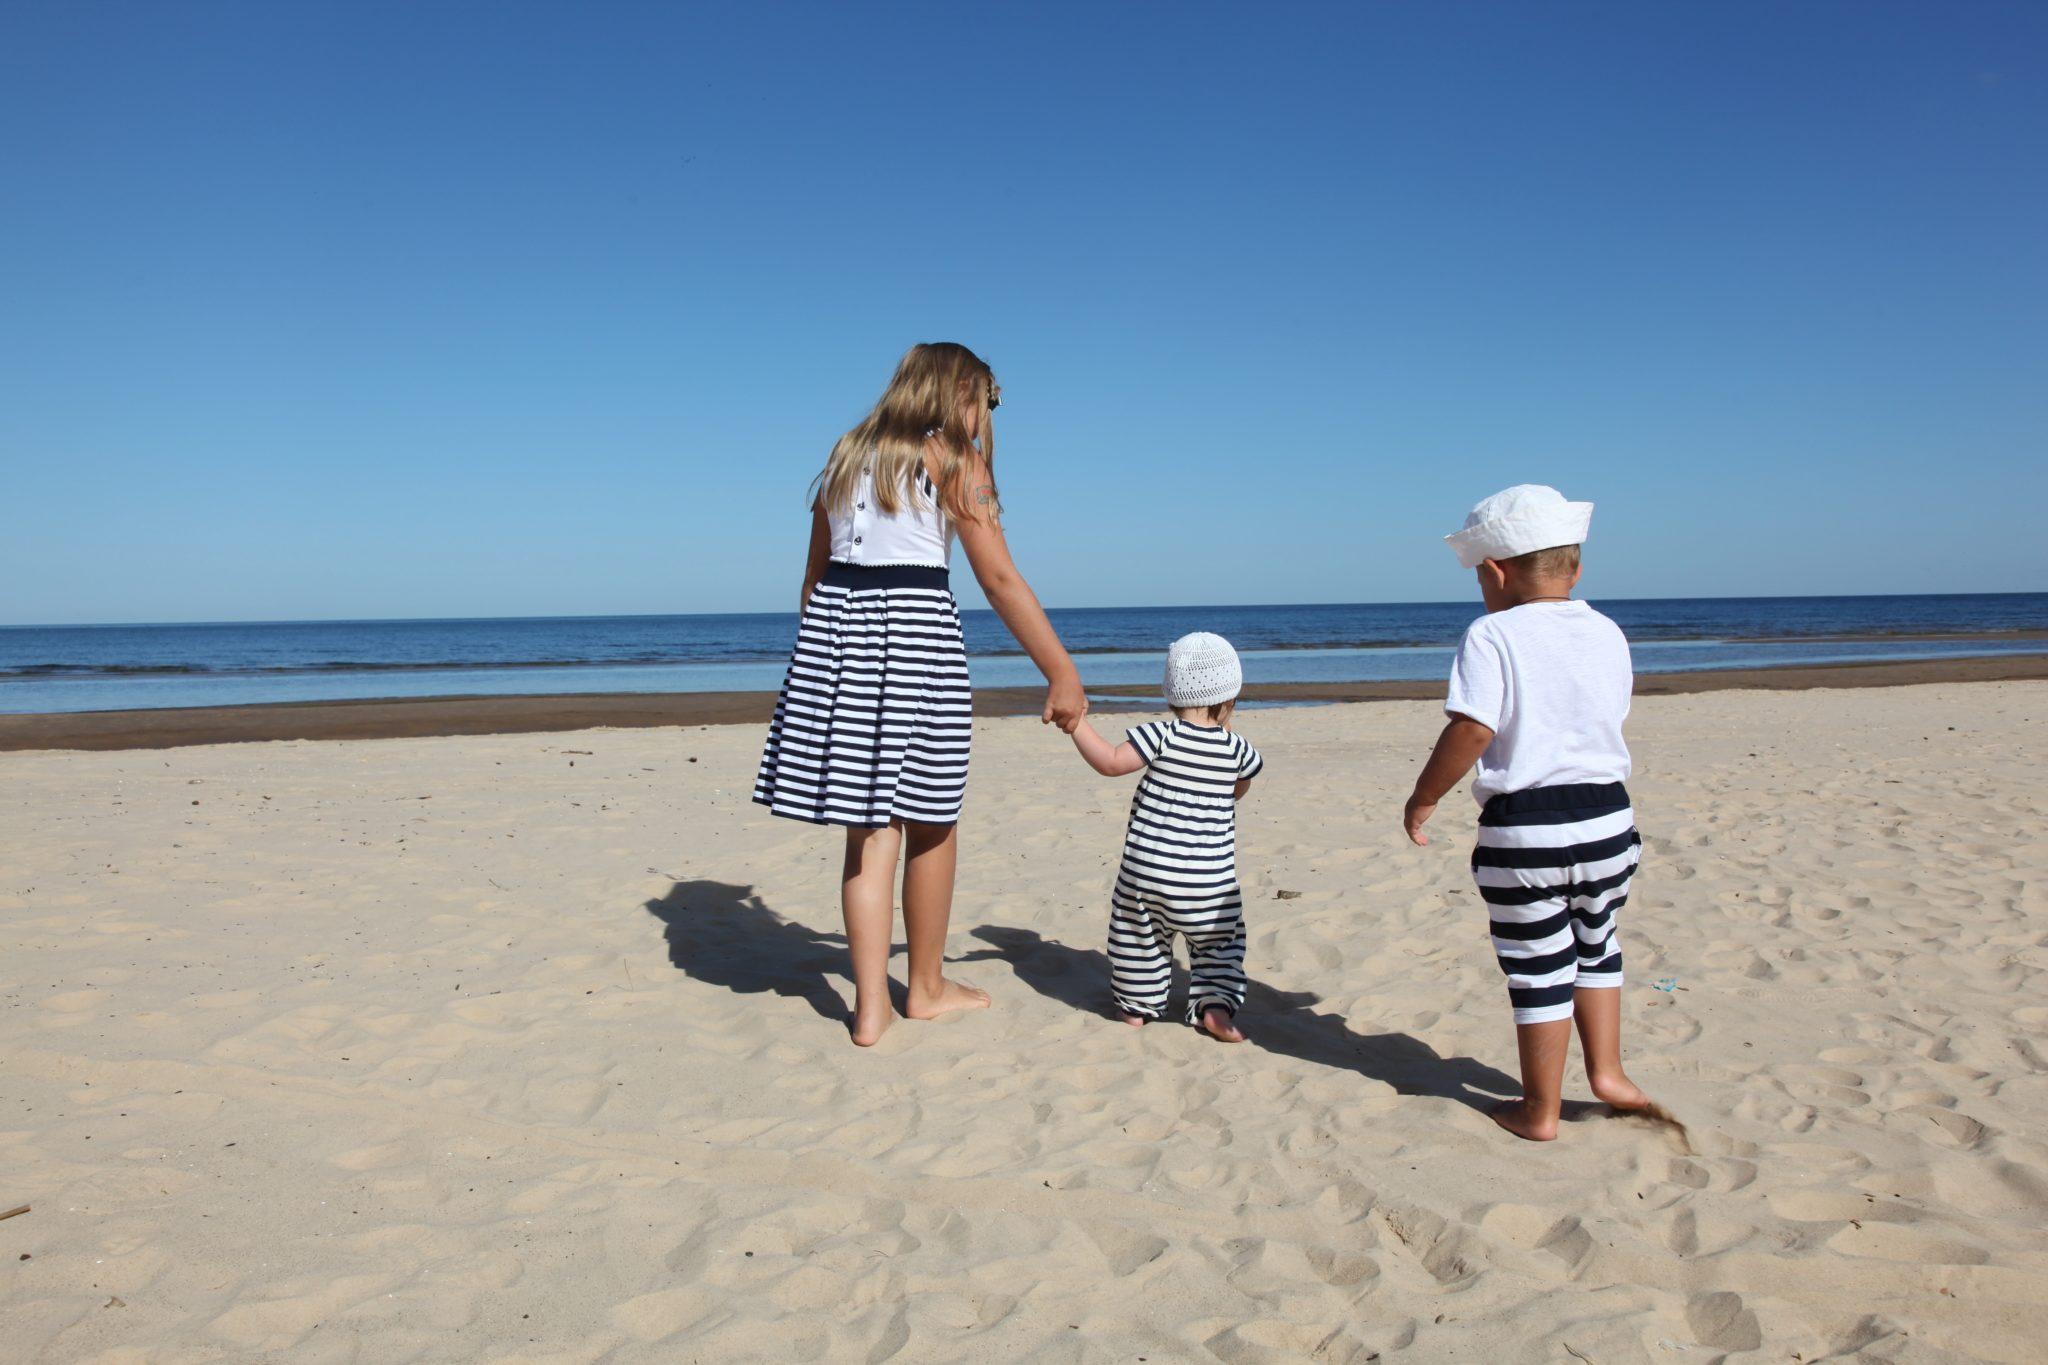 Как отдохнуть сдетьми? 5 лайфхаков дляродителей